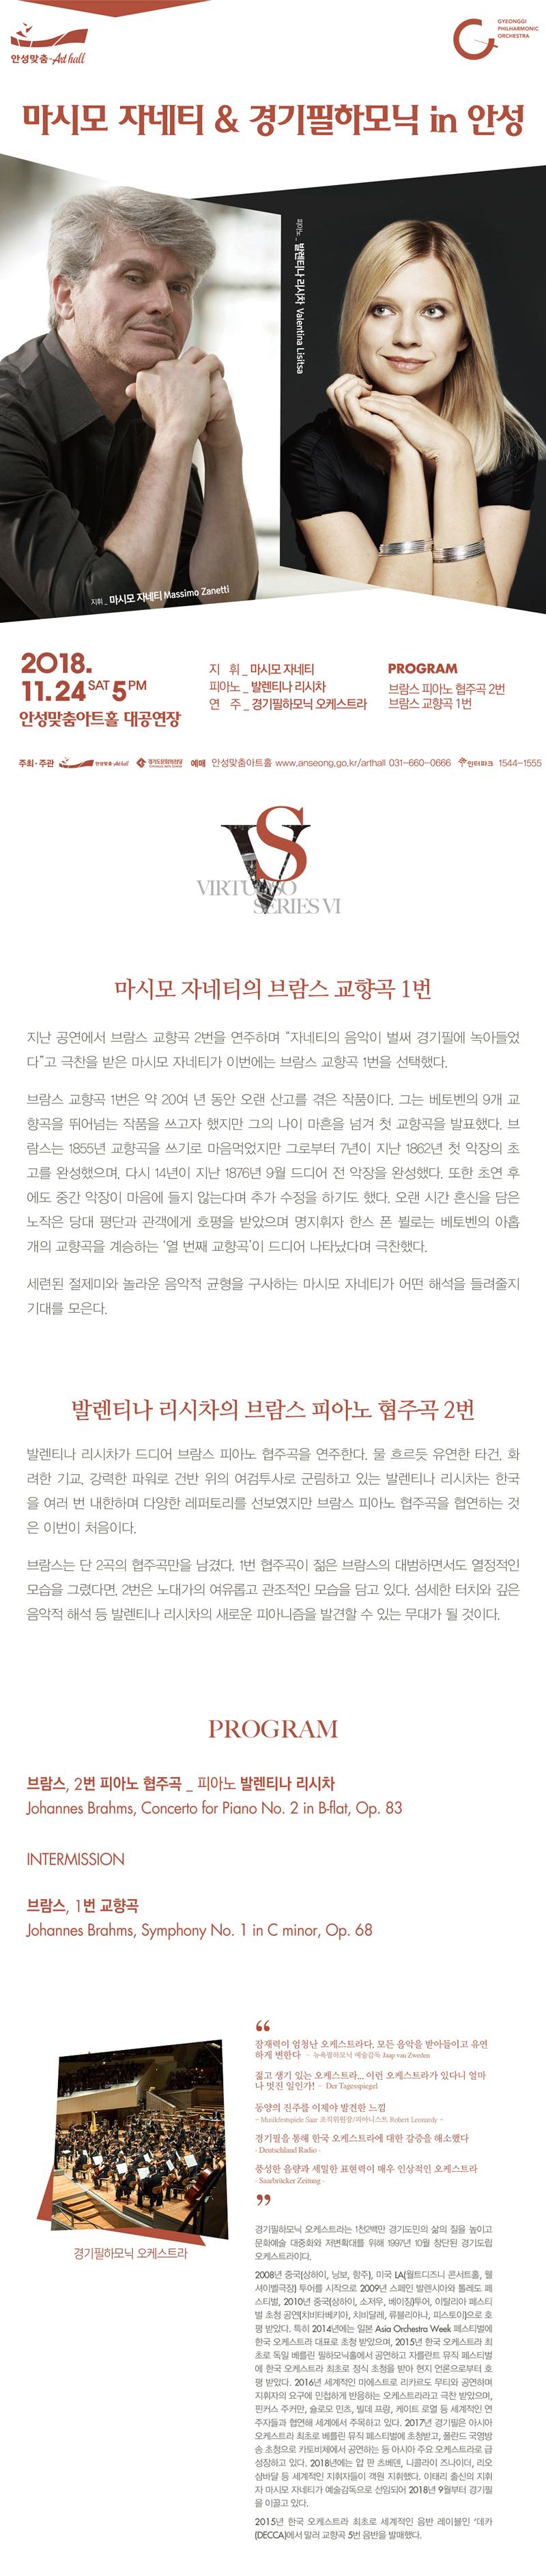 마시모 자네티 & 경기필하모닉 in 안성